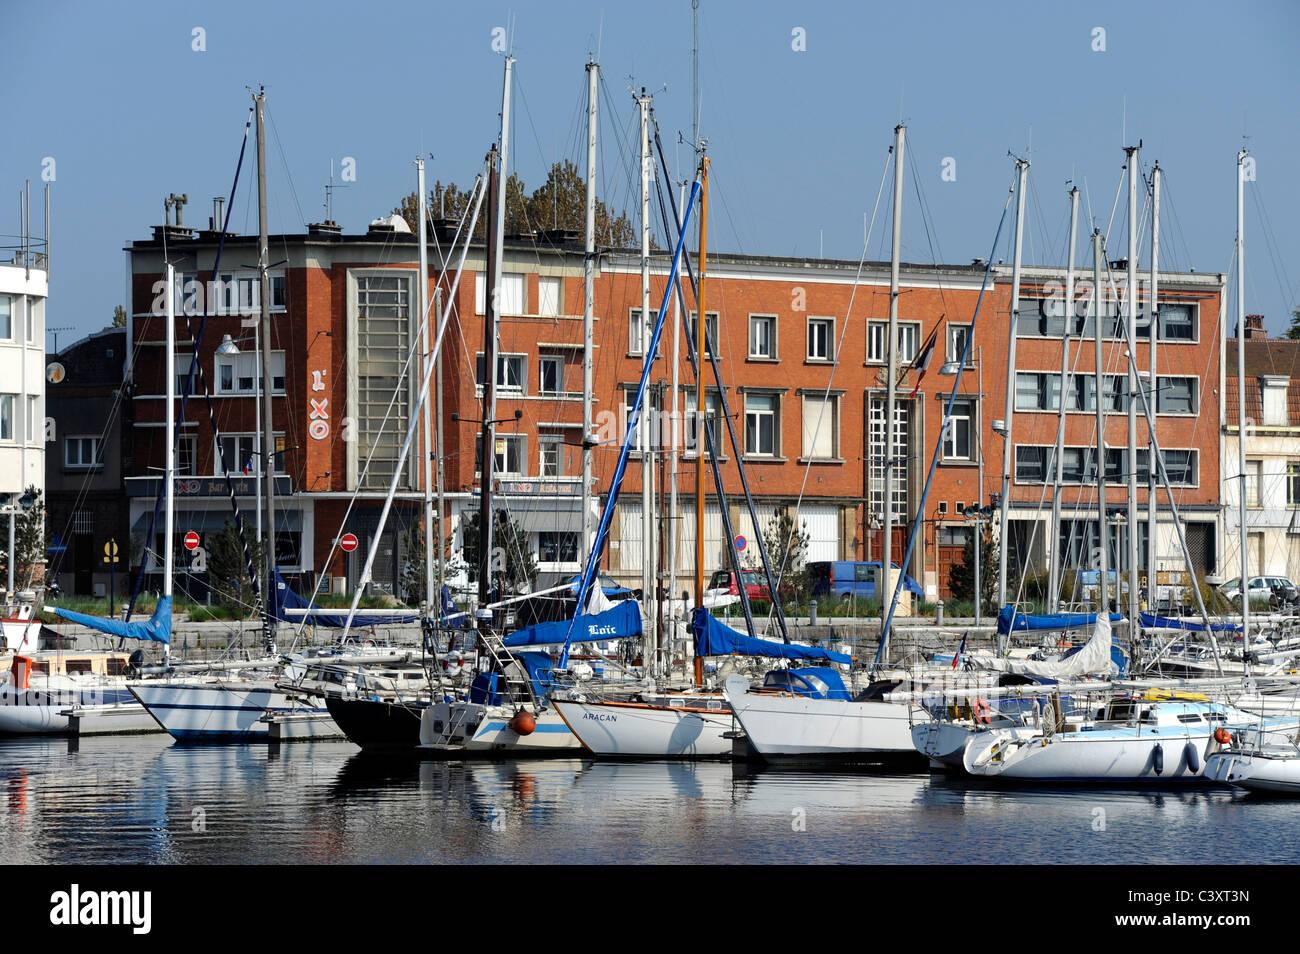 Dunkerque,Nord,Nord-Pas-de-Calais,France.Harbor for pleasure boats Stock Photo